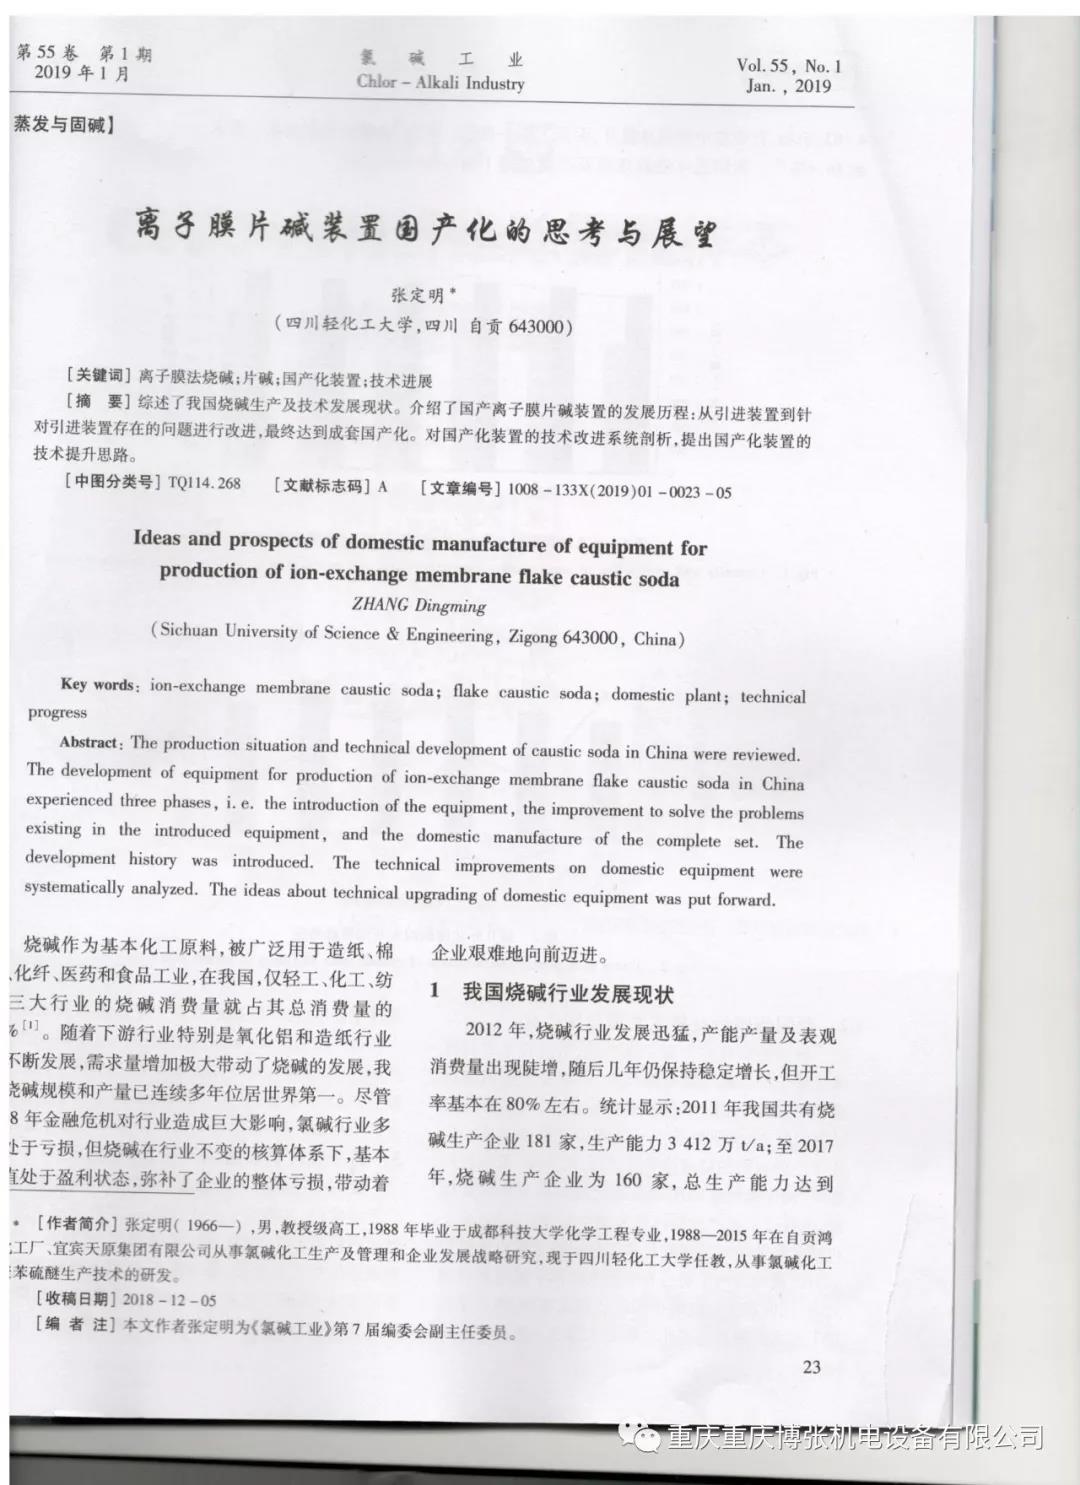 感謝行業權威機構及專家的認可,重慶博張與有榮焉